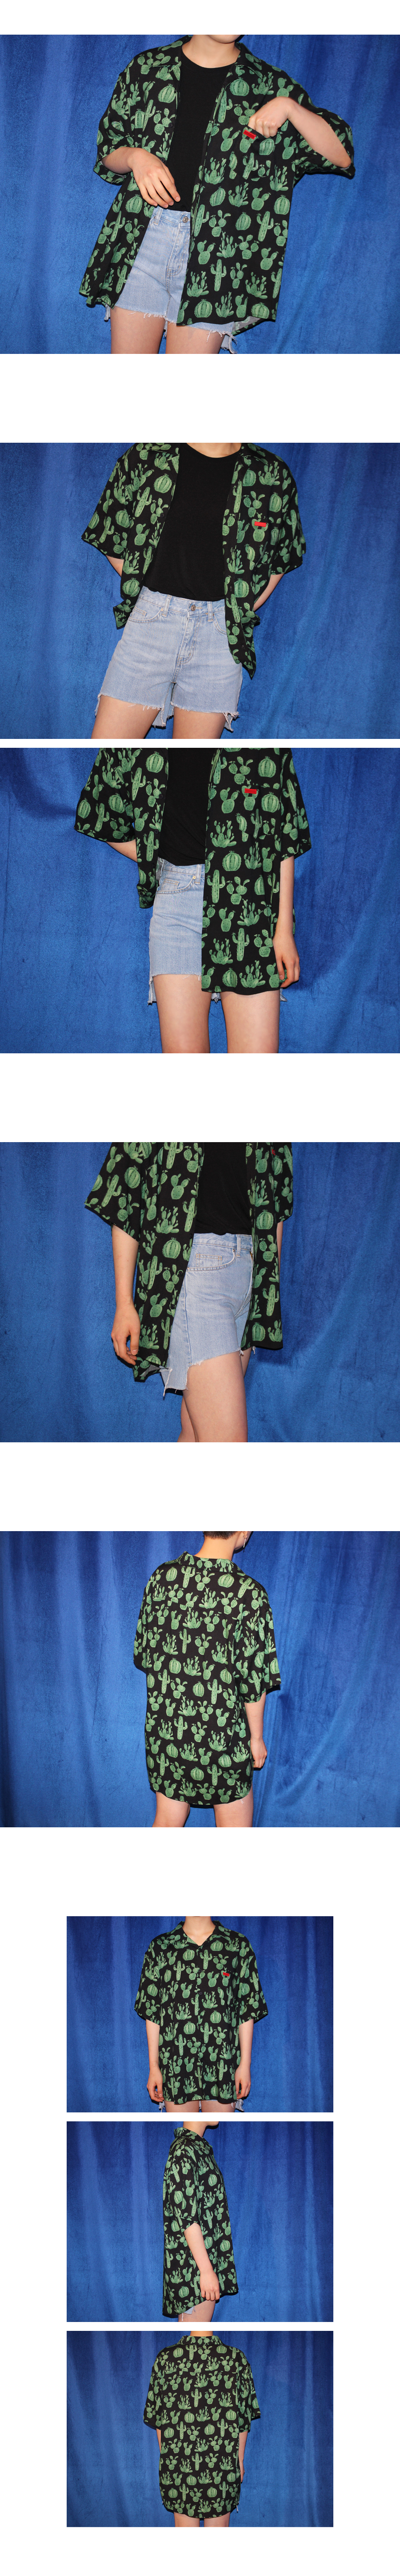 남녀공용 선인장 프린팅 셔츠 (2colors)52,000원-써리미패션의류, 스트릿패션, 스트릿패션, 셔츠바보사랑남녀공용 선인장 프린팅 셔츠 (2colors)52,000원-써리미패션의류, 스트릿패션, 스트릿패션, 셔츠바보사랑